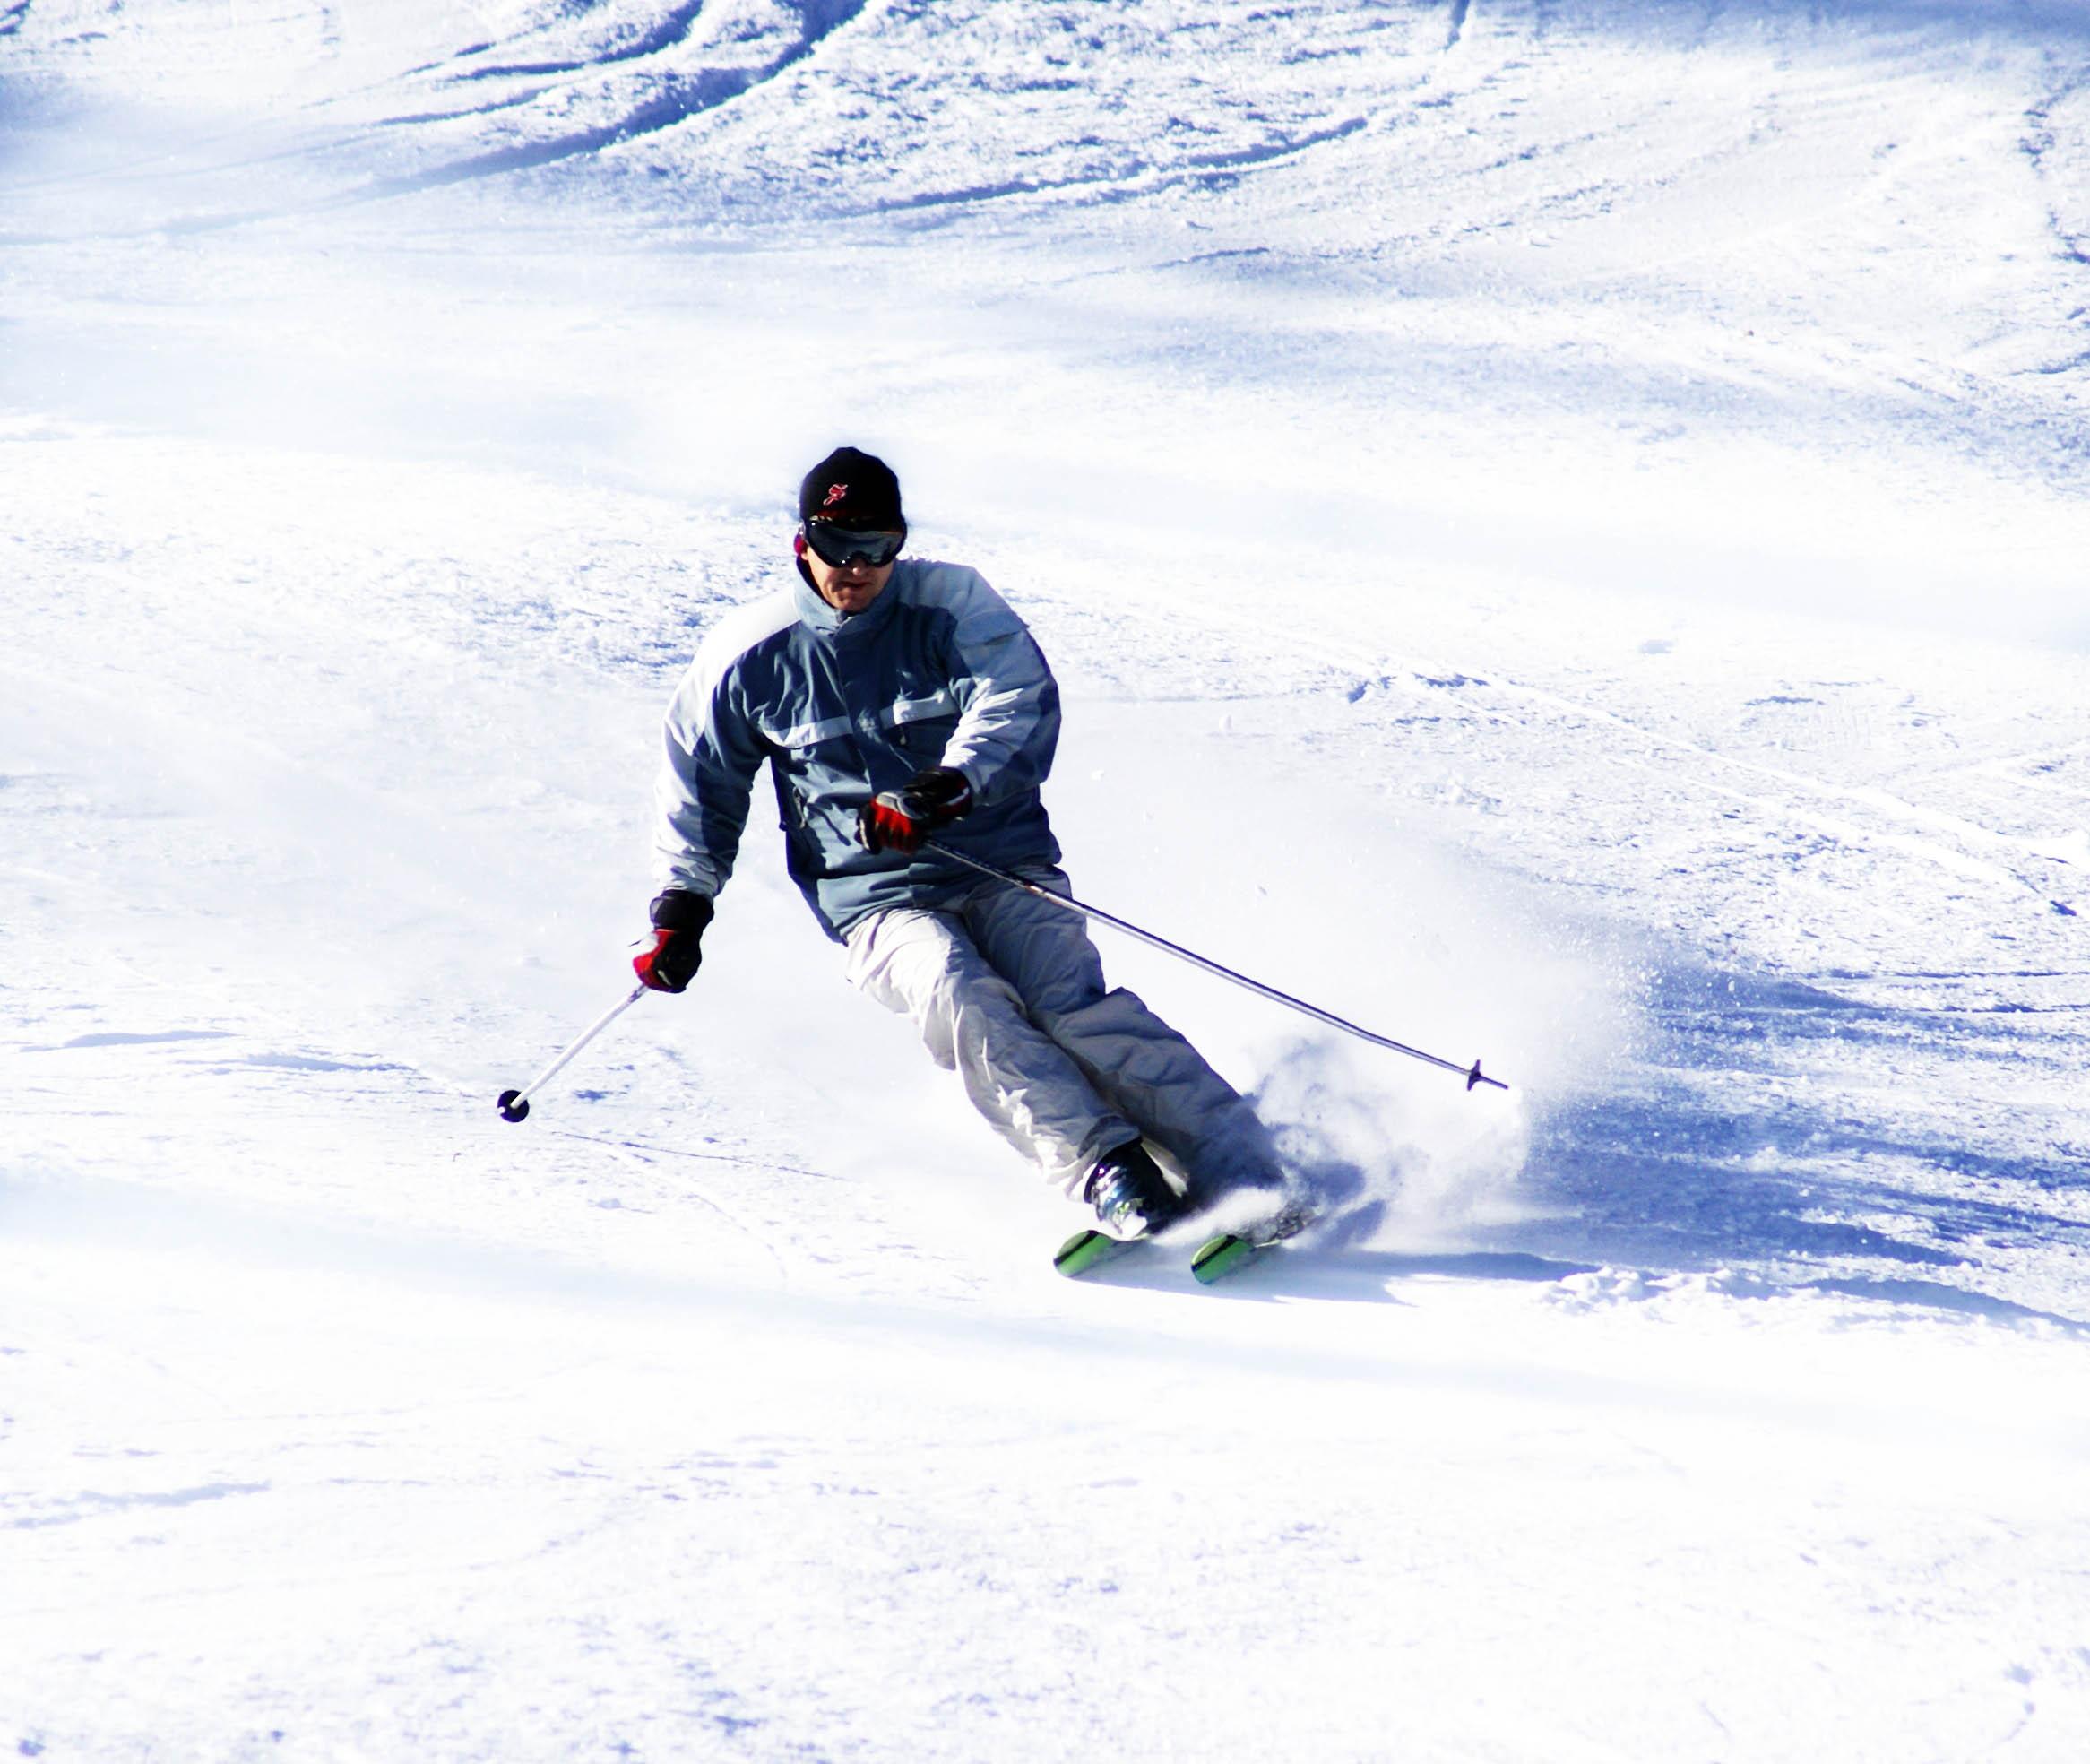 Anleitung zur Skigymnastik für Zuhause: Frühzeitig auf den Winterurlaub vorbereiten